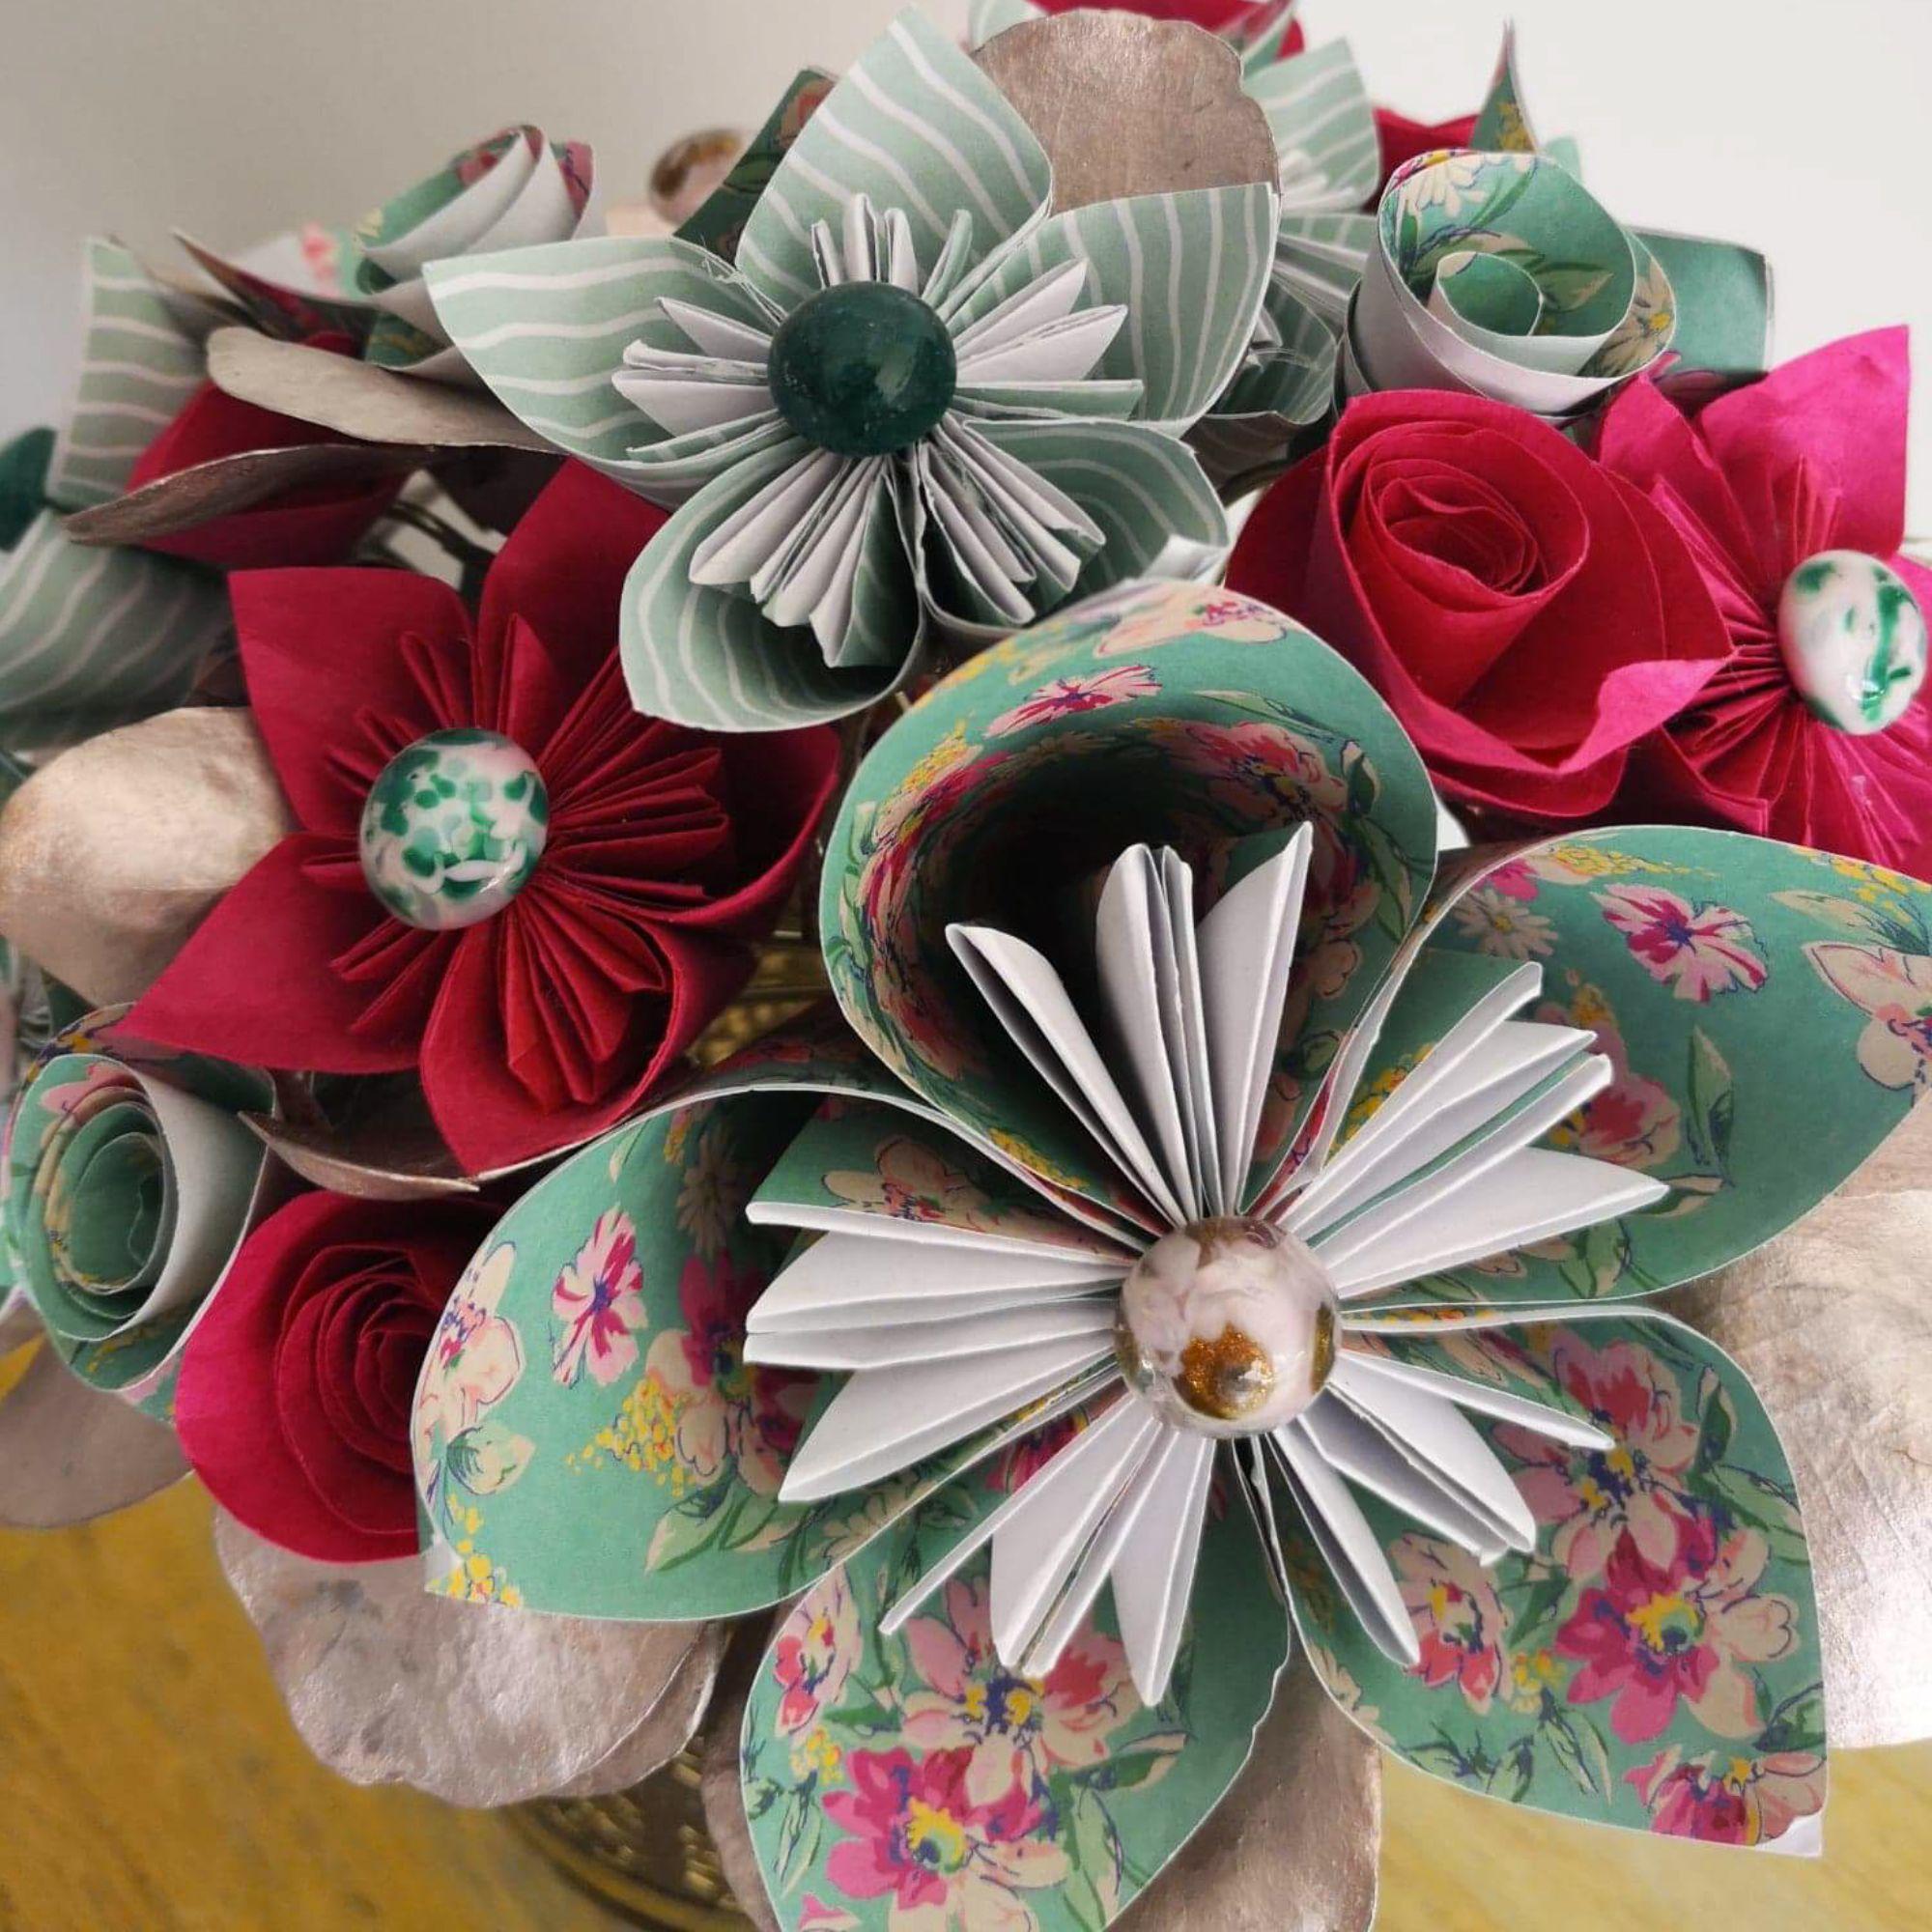 Feuille D Eucalyptus Bouquet bouquet de fleurs en papier et feuilles d'eucalyptus